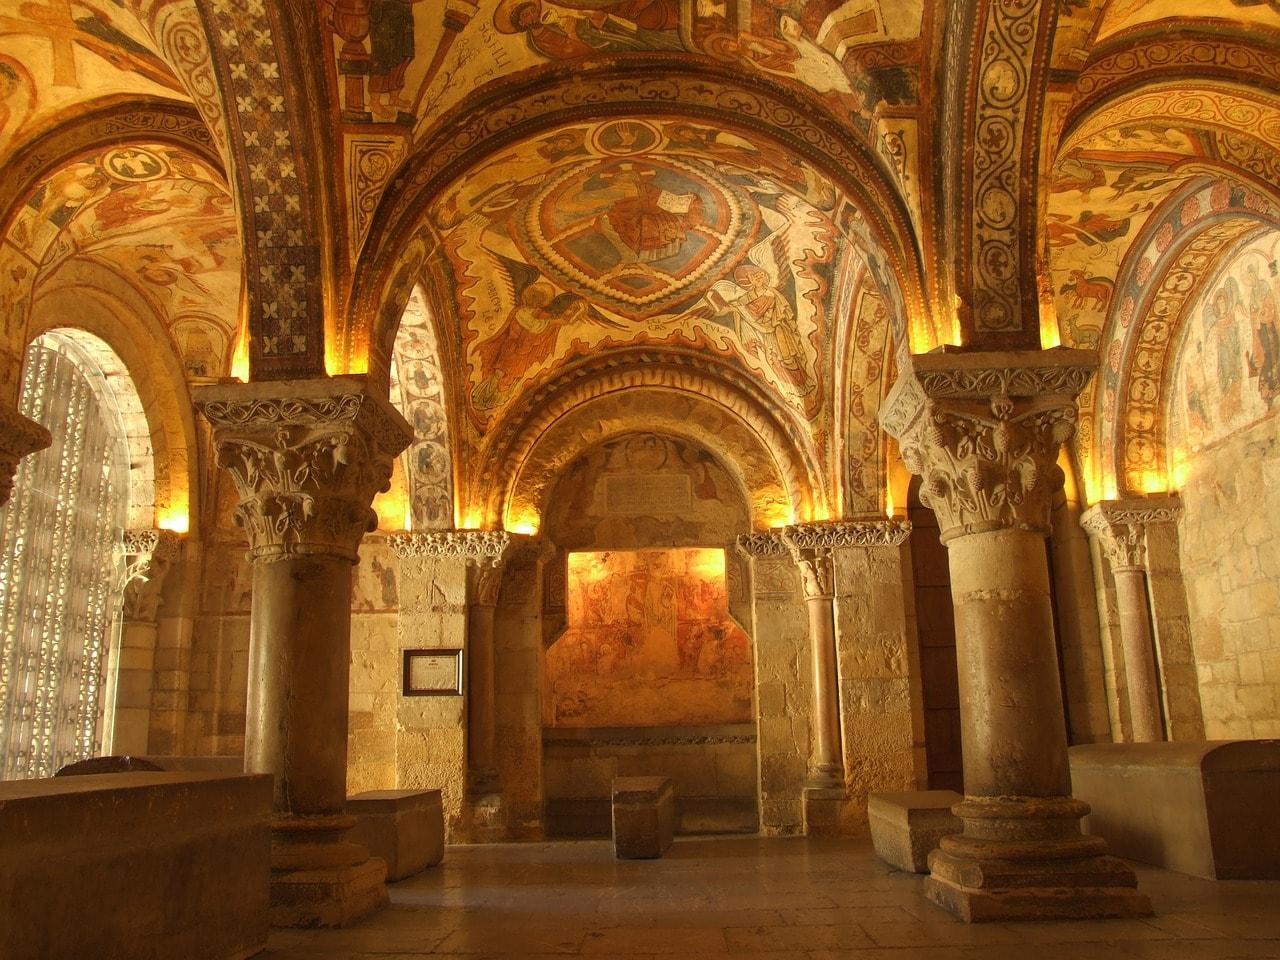 Basílica de San Isidoro de León, Spain | ©Redaccion5 / Pixabay